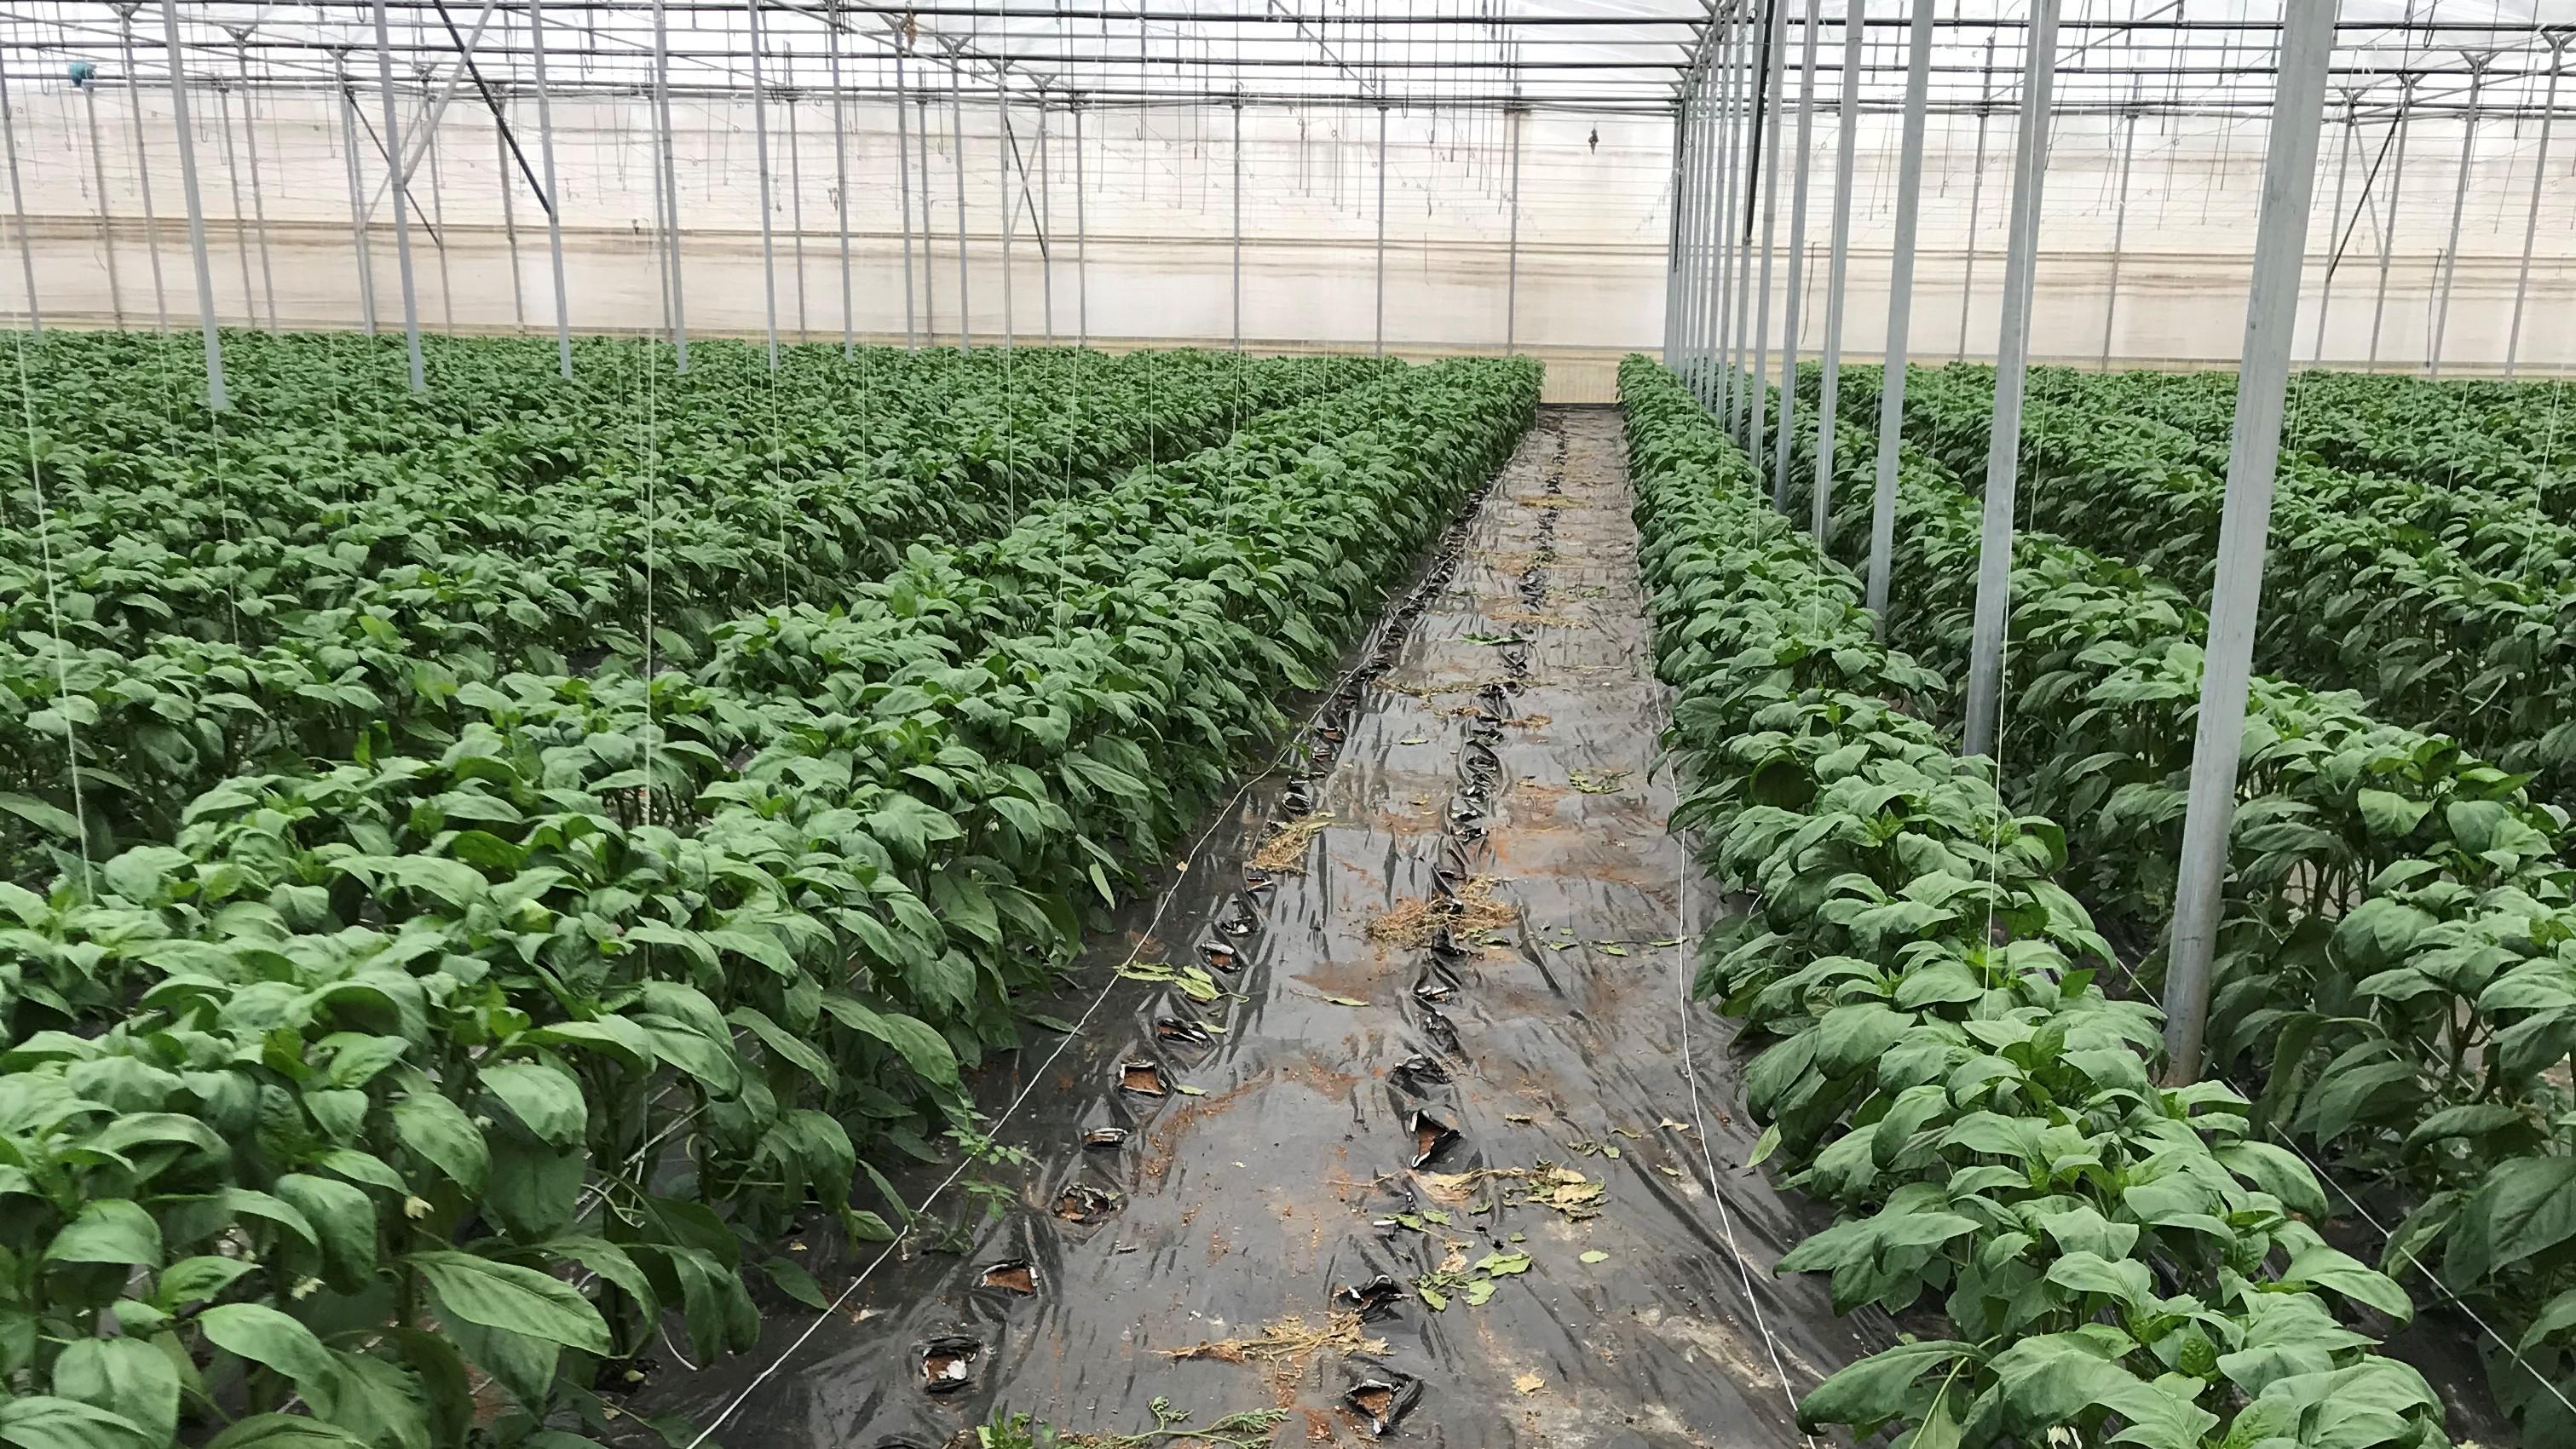 L'attenzione di Ioppì per la sostenibilità etica, economica e ambientale si riflette nelle scelte delle tecnologie per la coltivazione